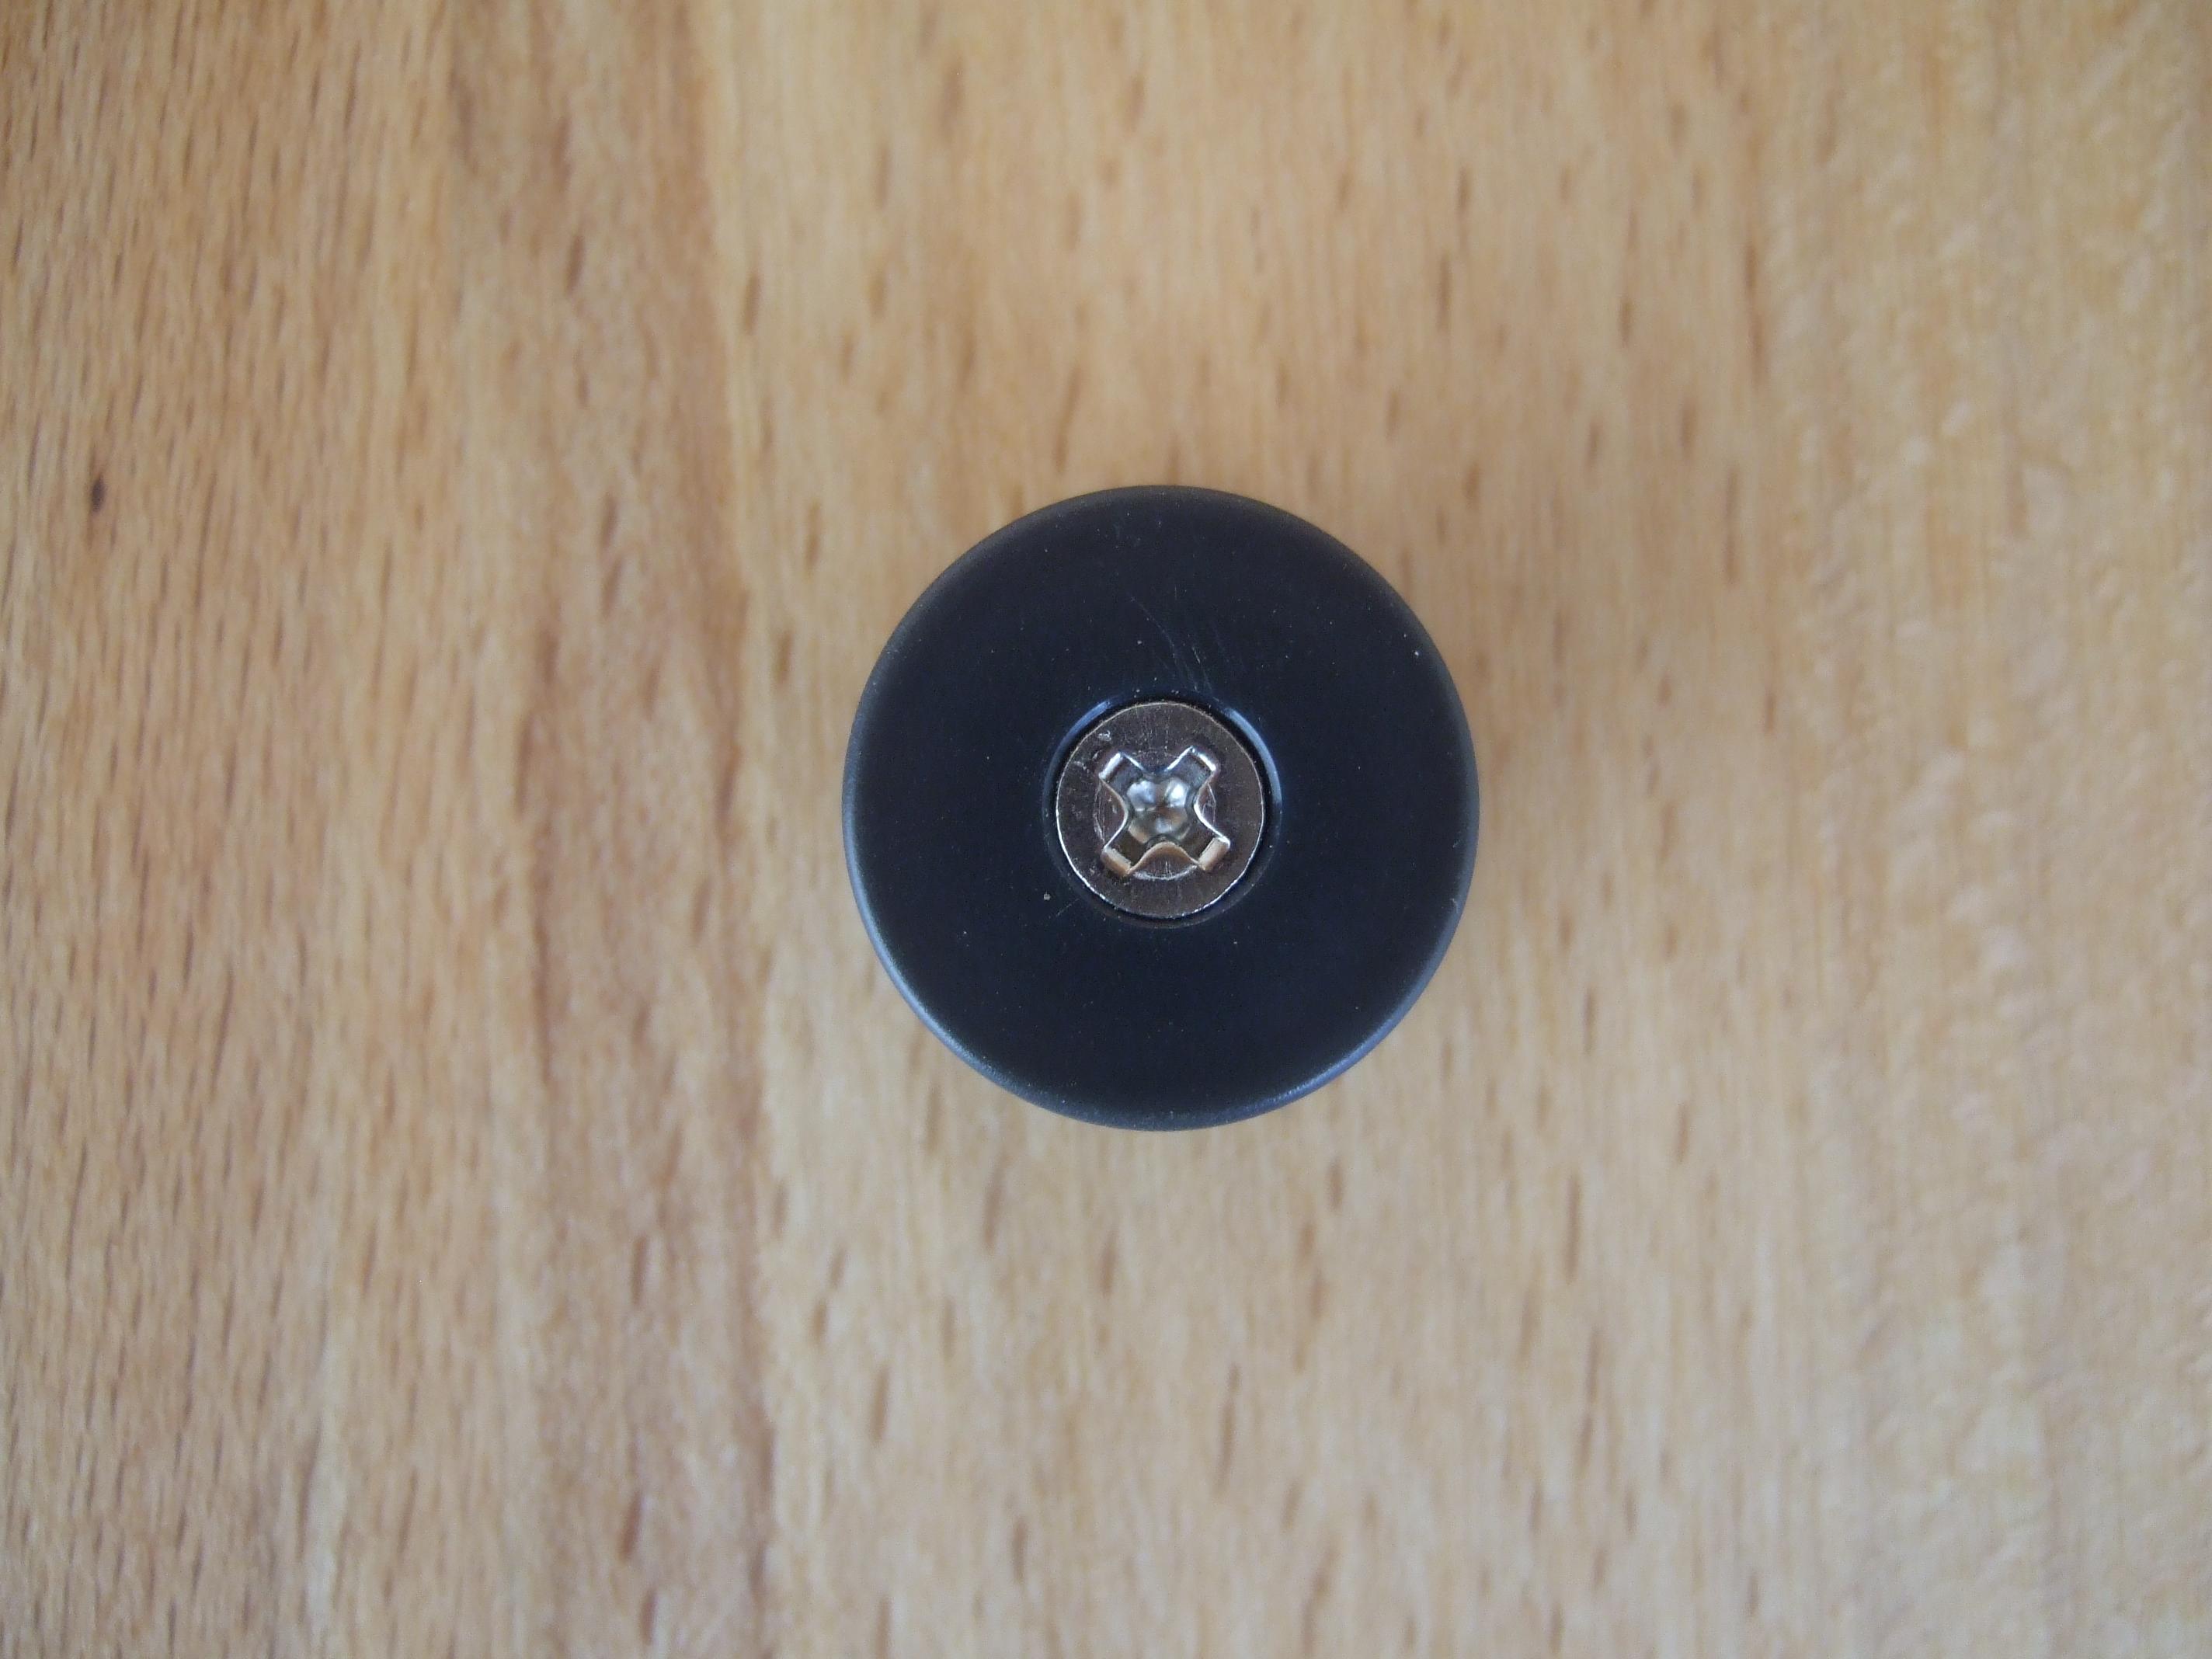 Ersatzknopf für Ballenhalter Viper